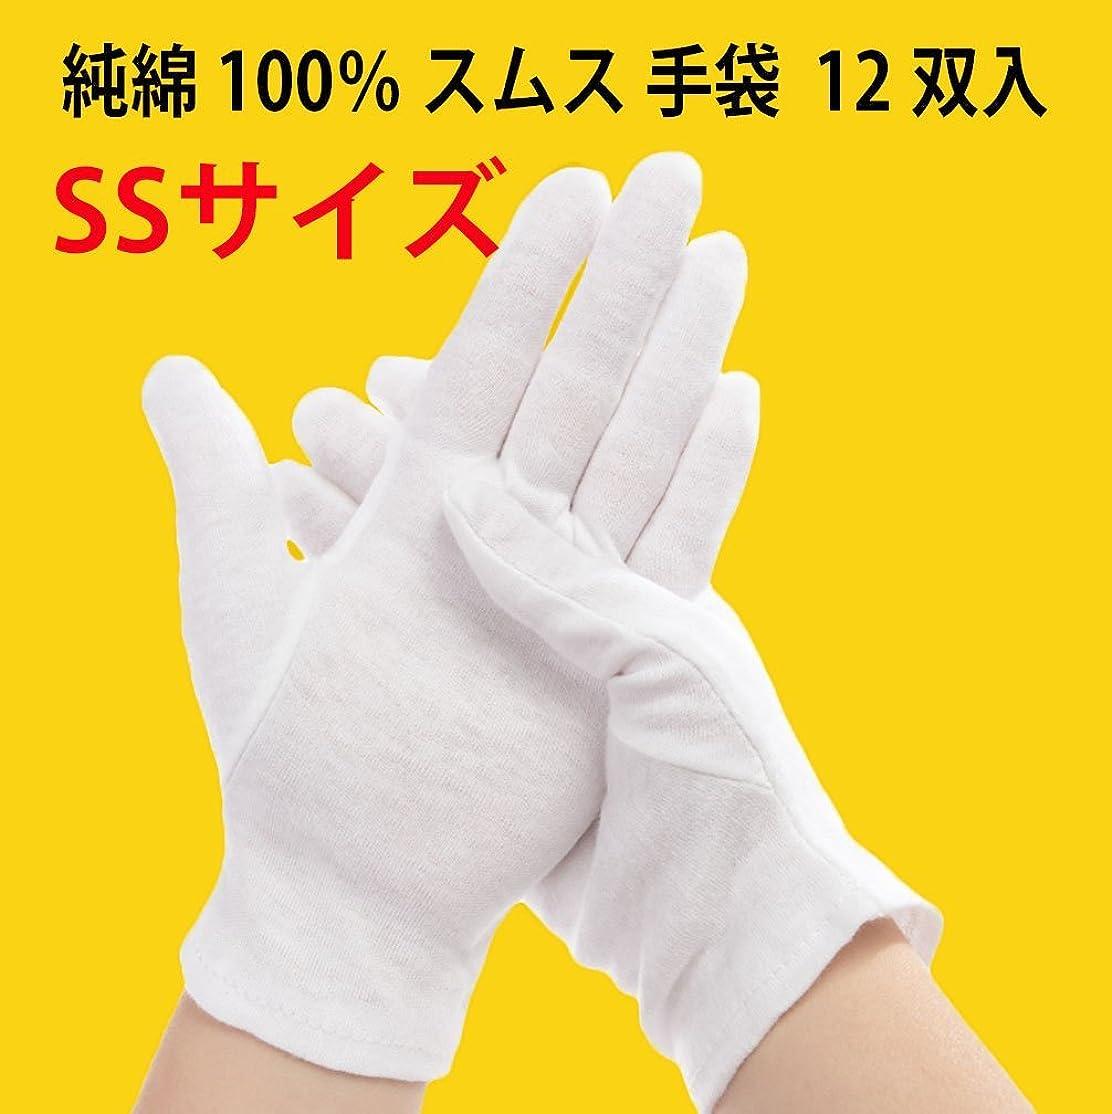 スライスなめらかな非常に怒っています純綿100% スムス 手袋 SSサイズ 12双入 子供?女性に最適 多用途 101111